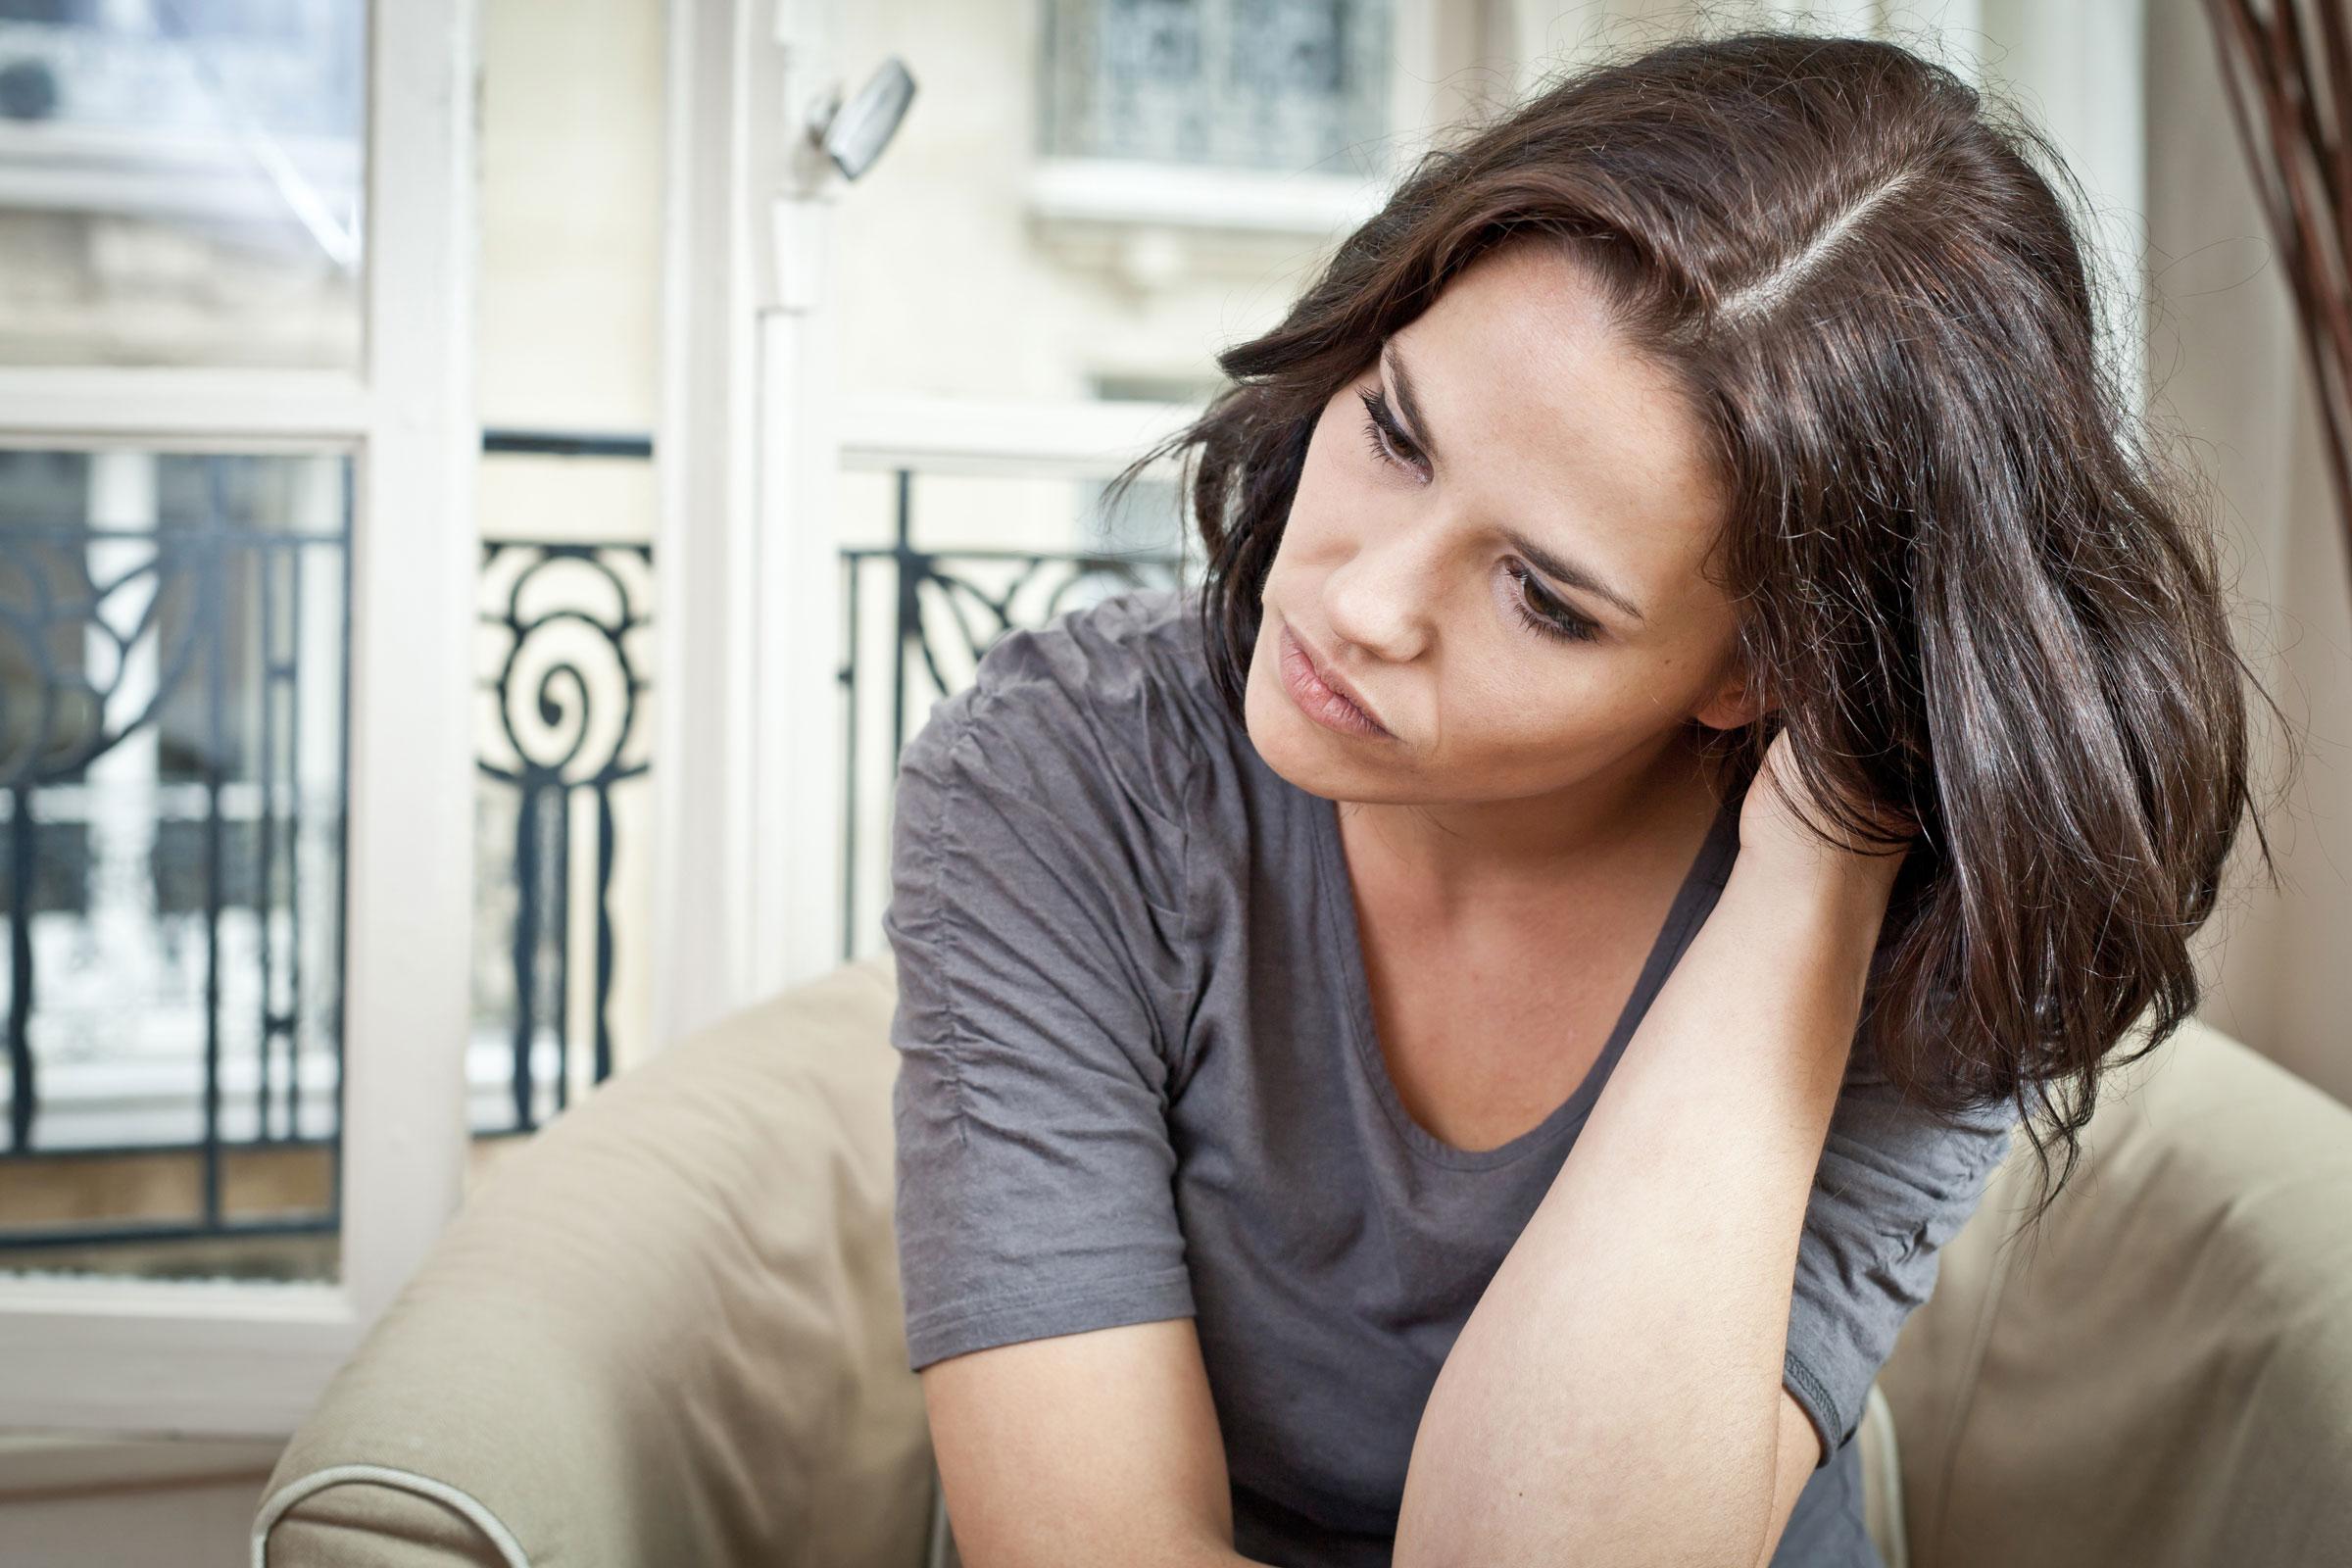 Психотерапия и психологическое консультирование: как отличить? Что выбрать?